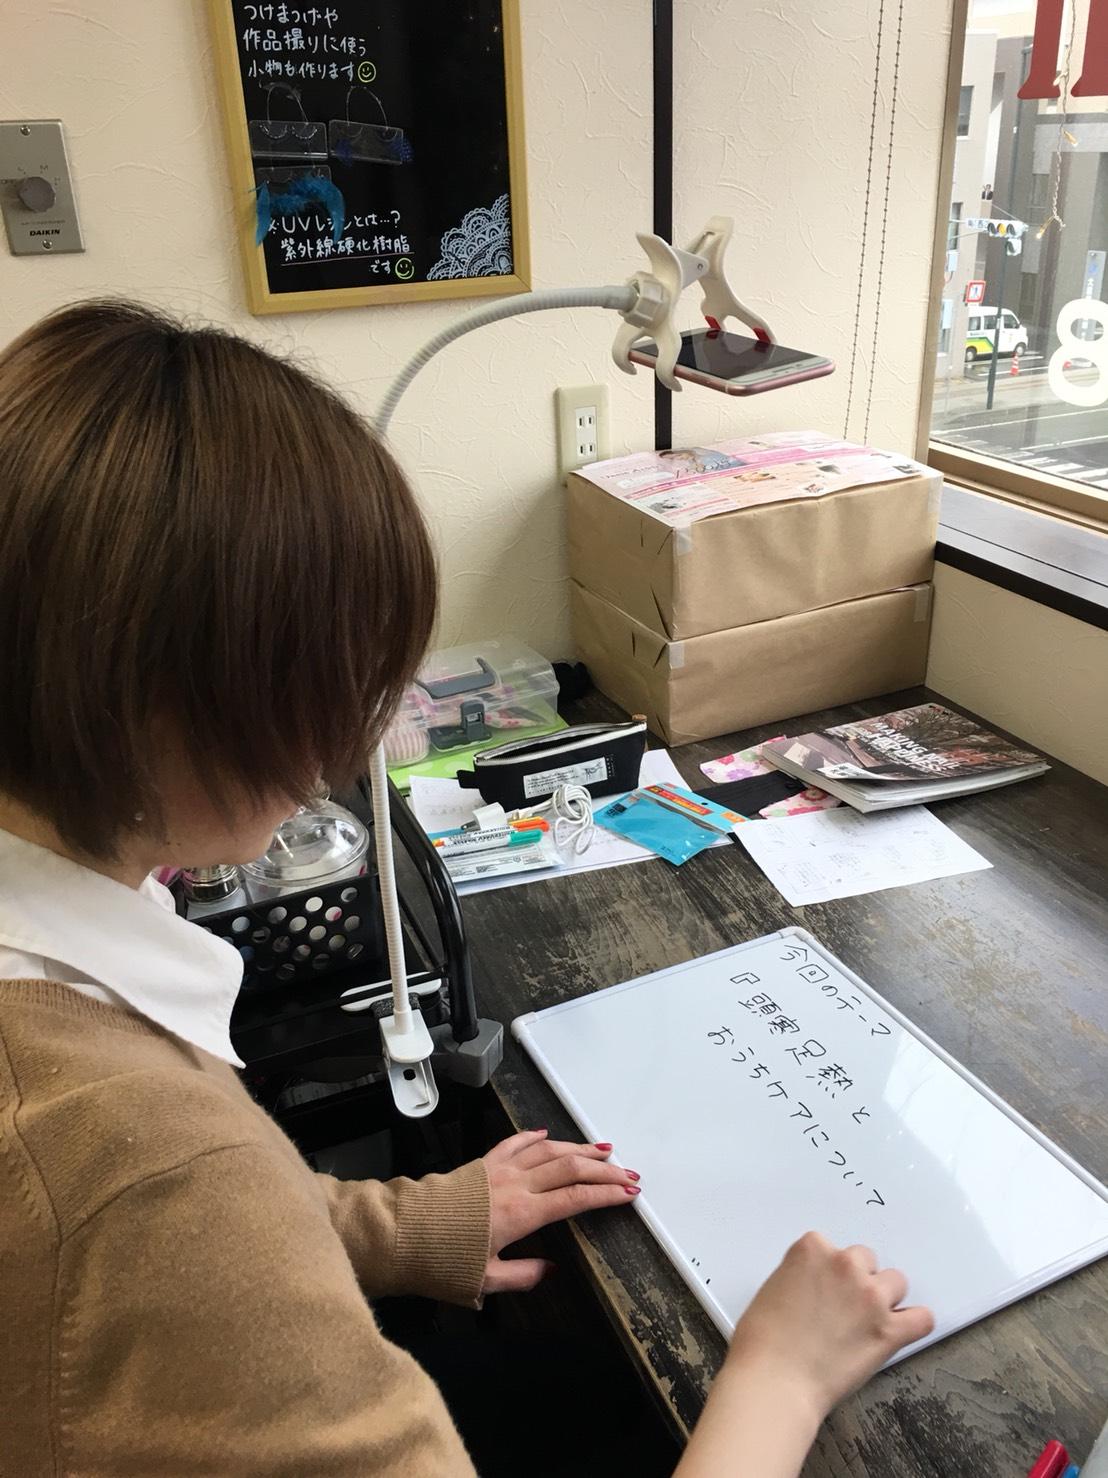 あんく ホワイトボードアニメーション メジェド様 http://www.ankh-jp.om